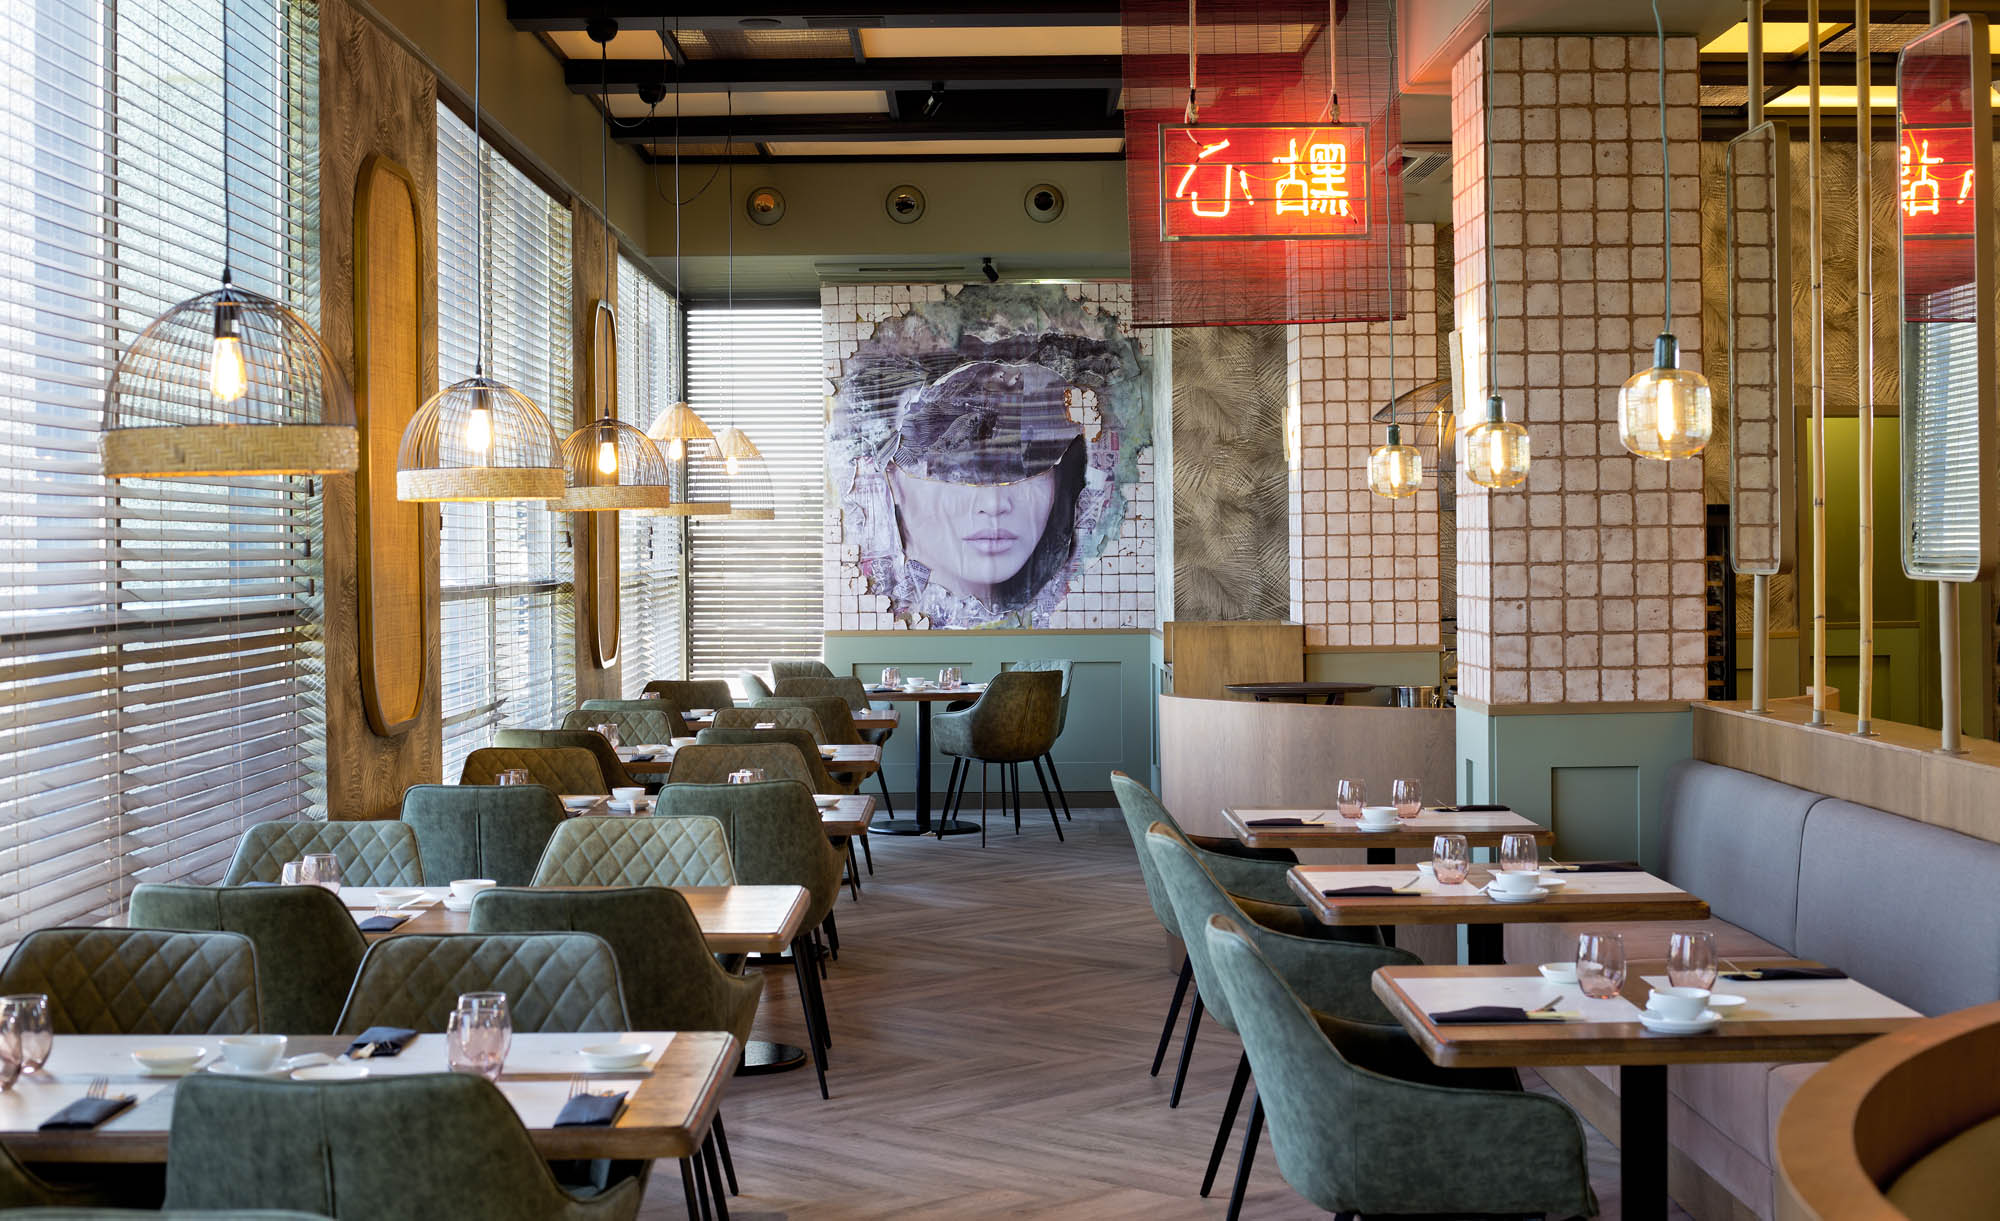 Detalle del mural del salón. Foto: 'Hot Bao'.